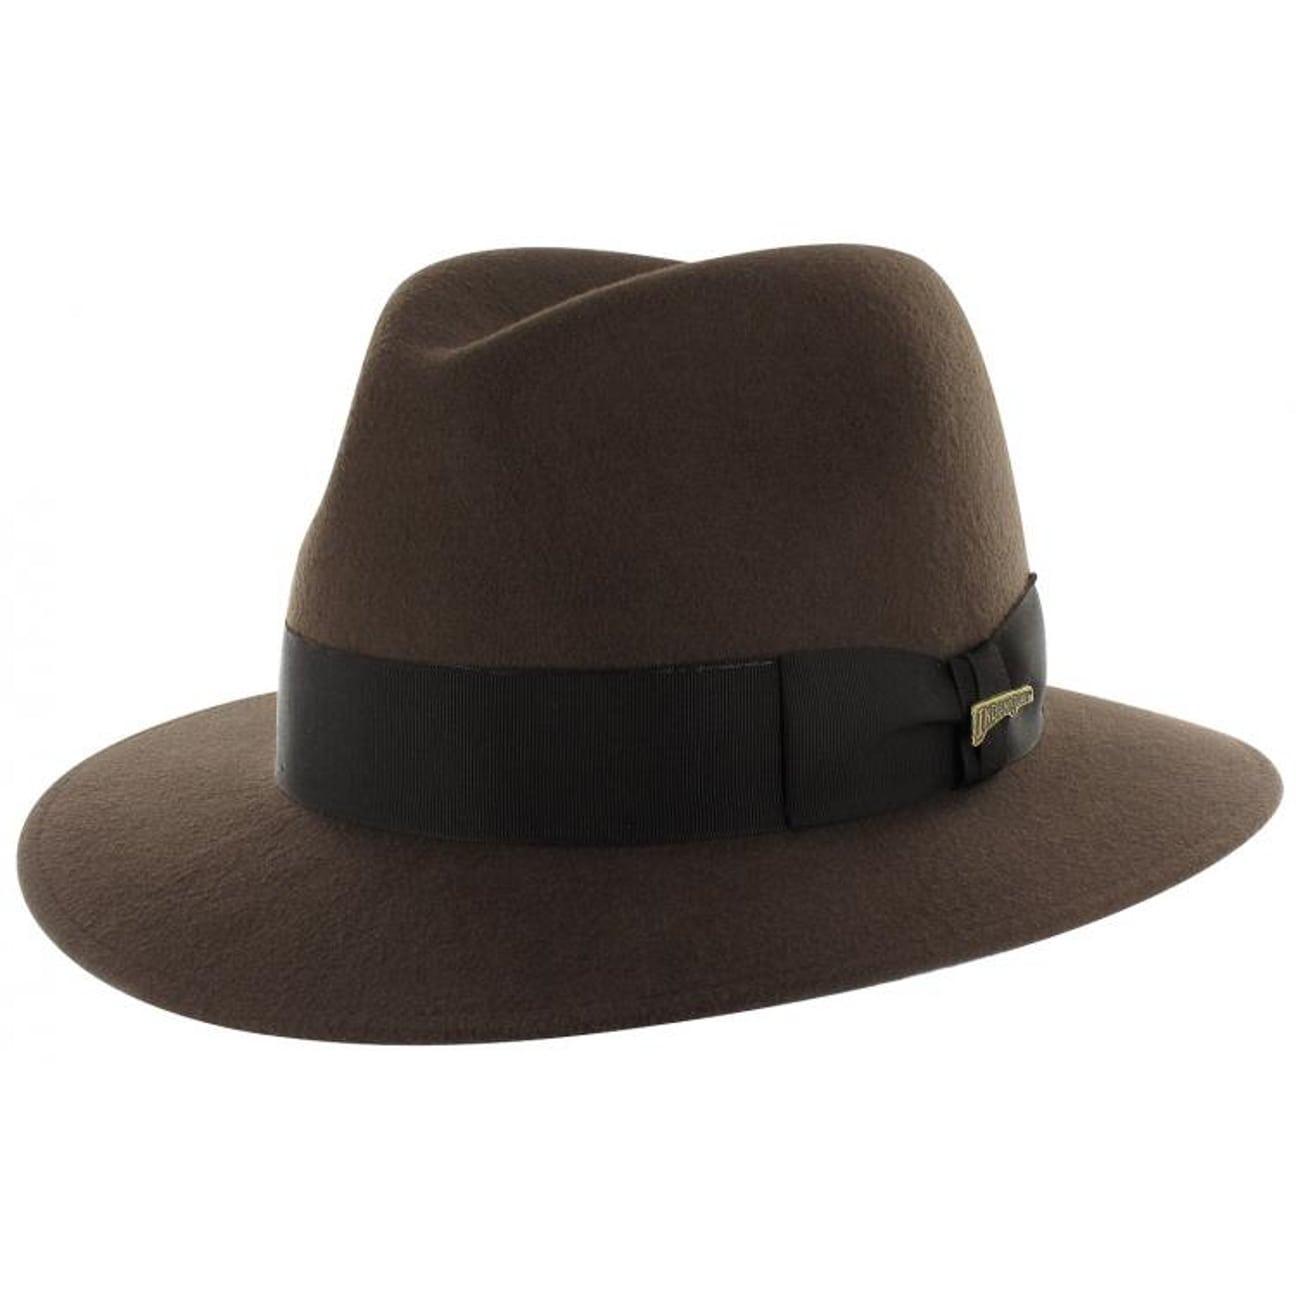 Sombrero Indiana Jones - Sombreros - sombreroshop.es cef6a9a3de8